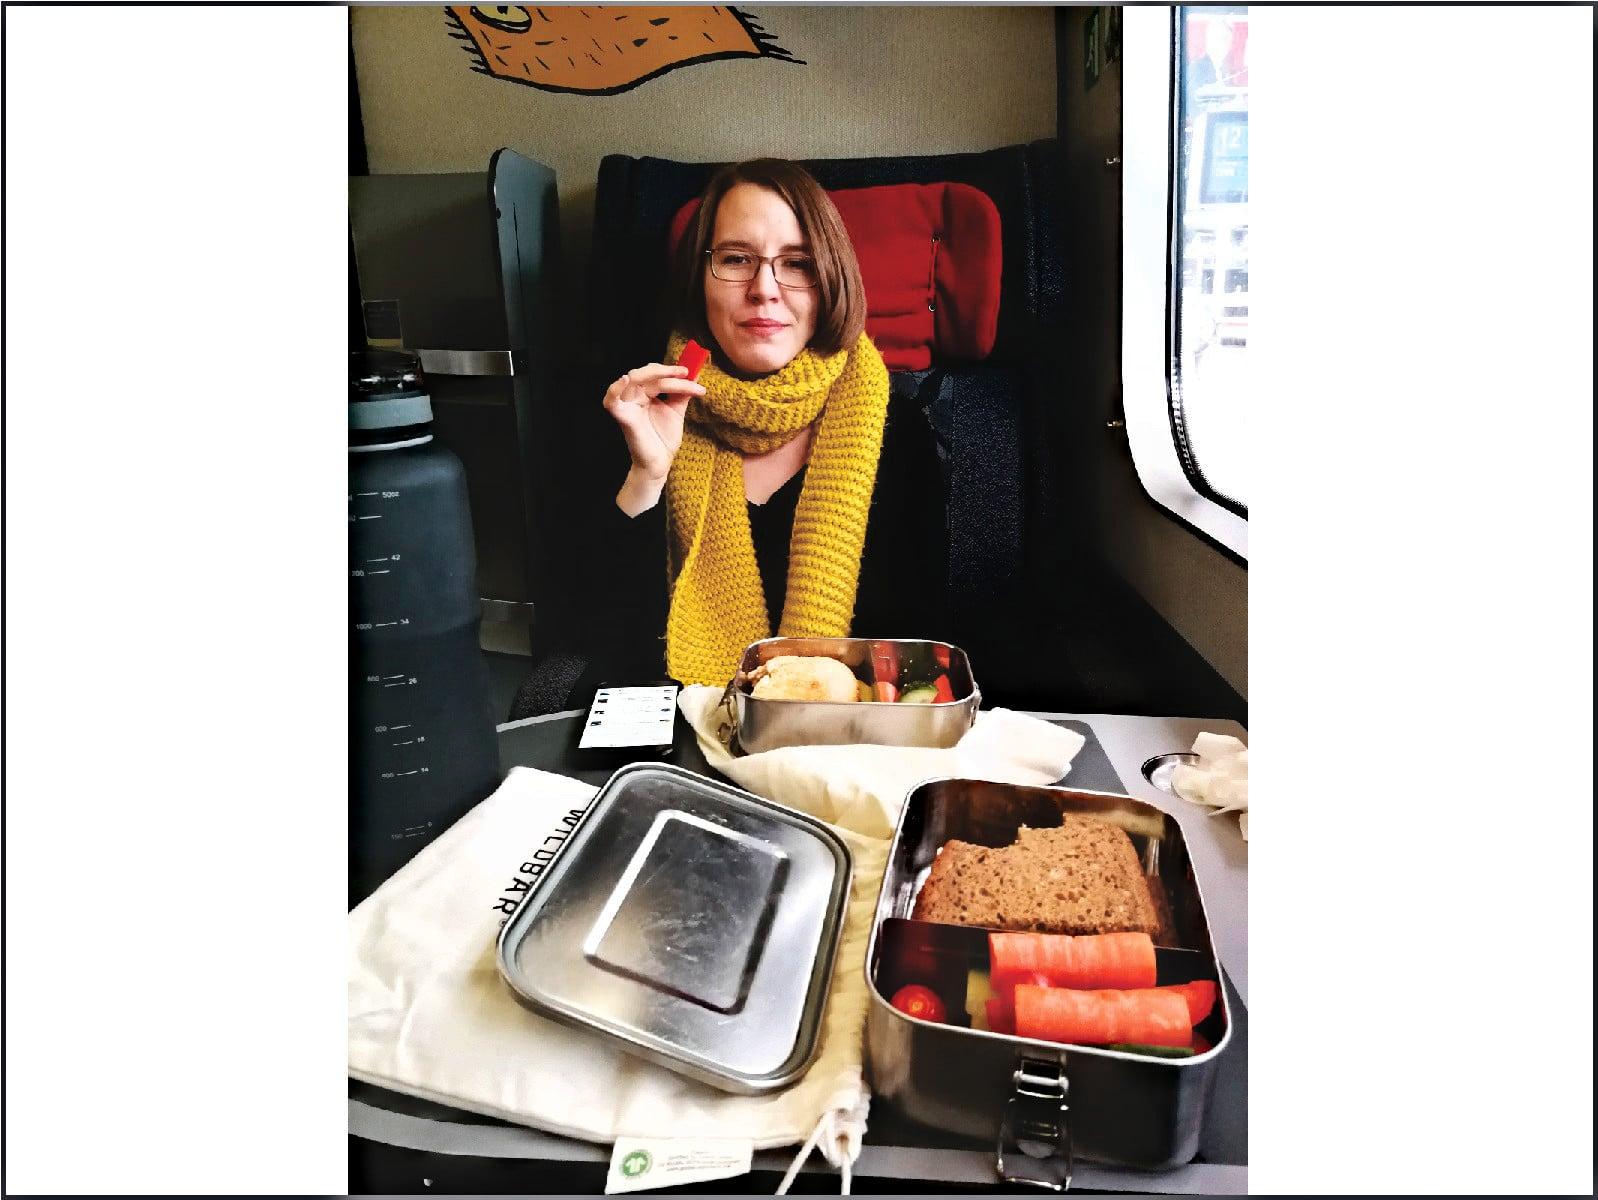 Entspannt im Zug